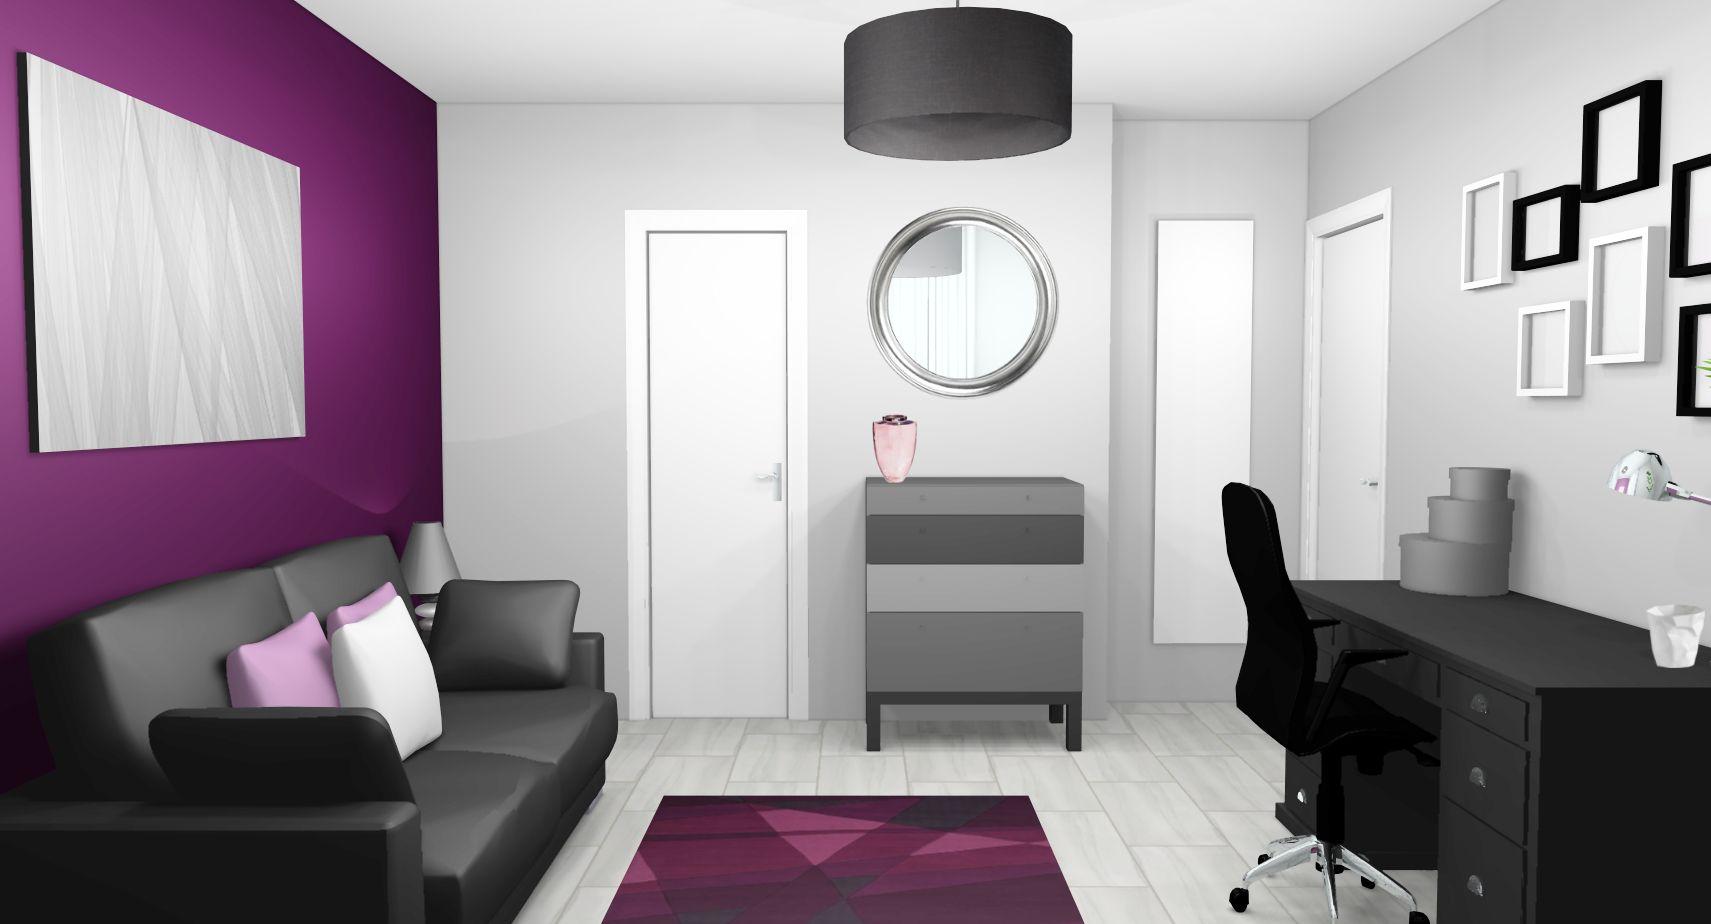 Decoration interieur chambre dcoration intrieure chambre for Decoration interieur chambre a coucher